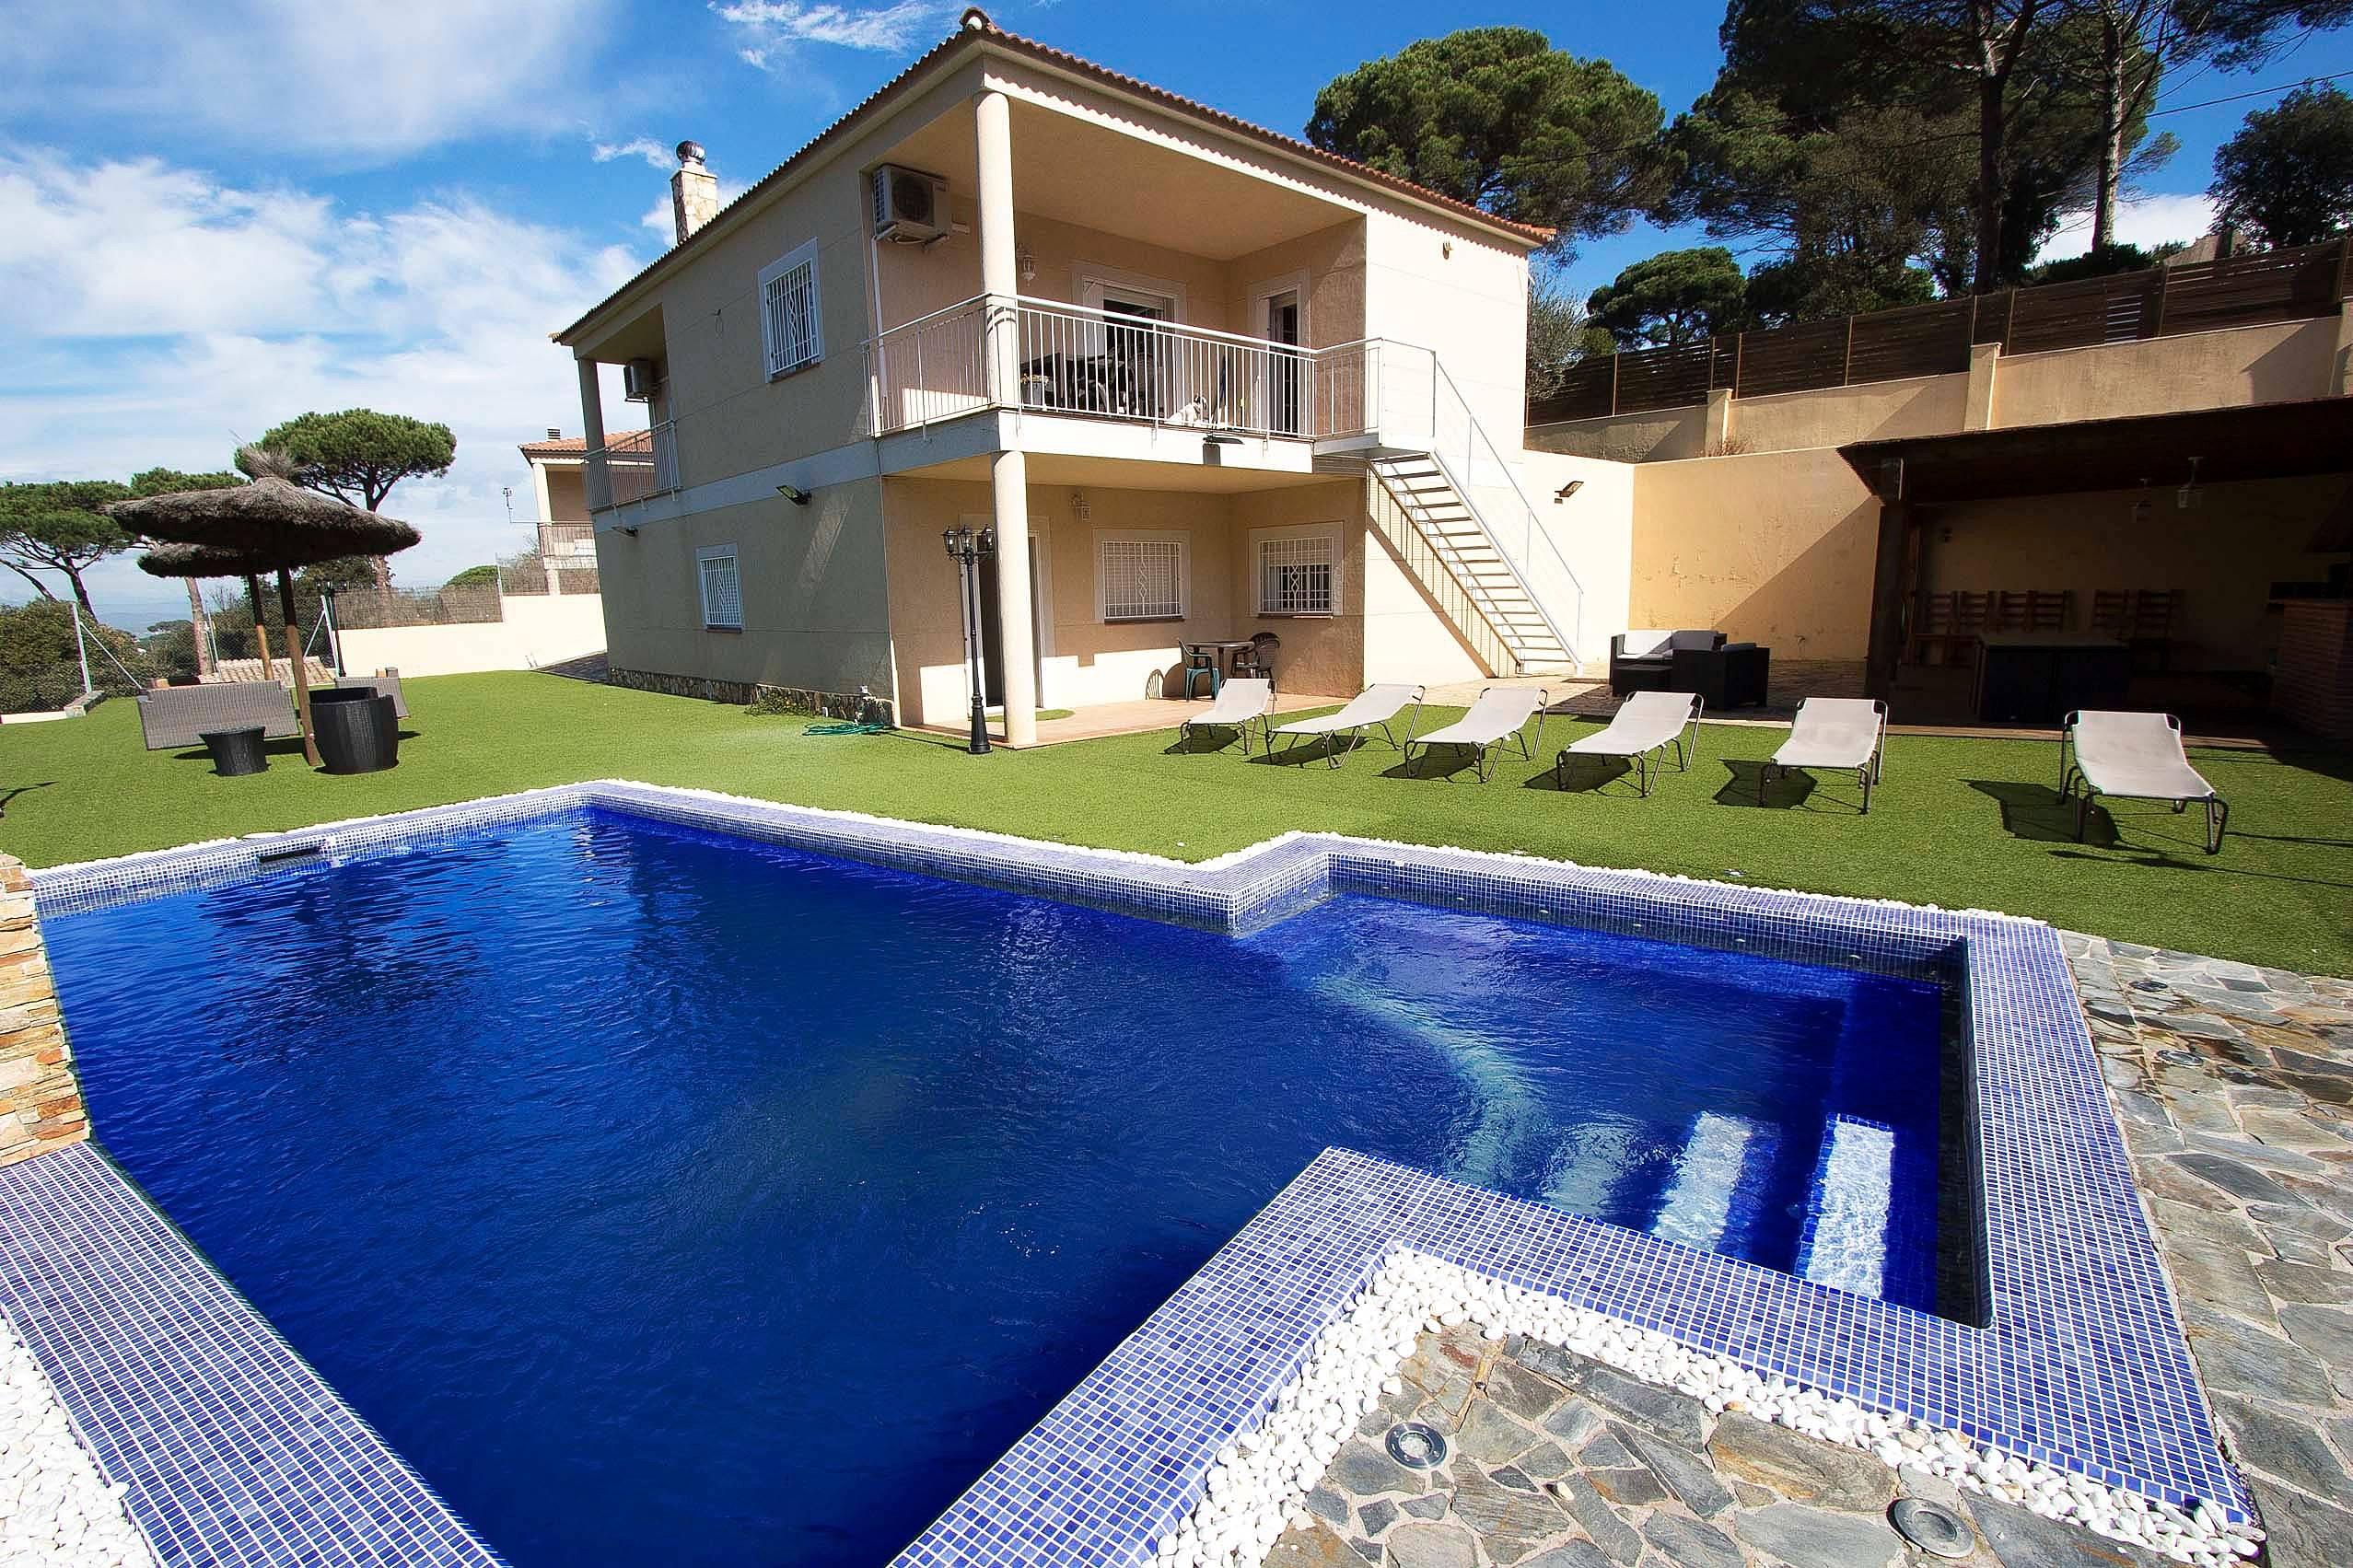 Casas de vacaciones en els pantans de montbarbat ma anet - Casas vacaciones cataluna ...